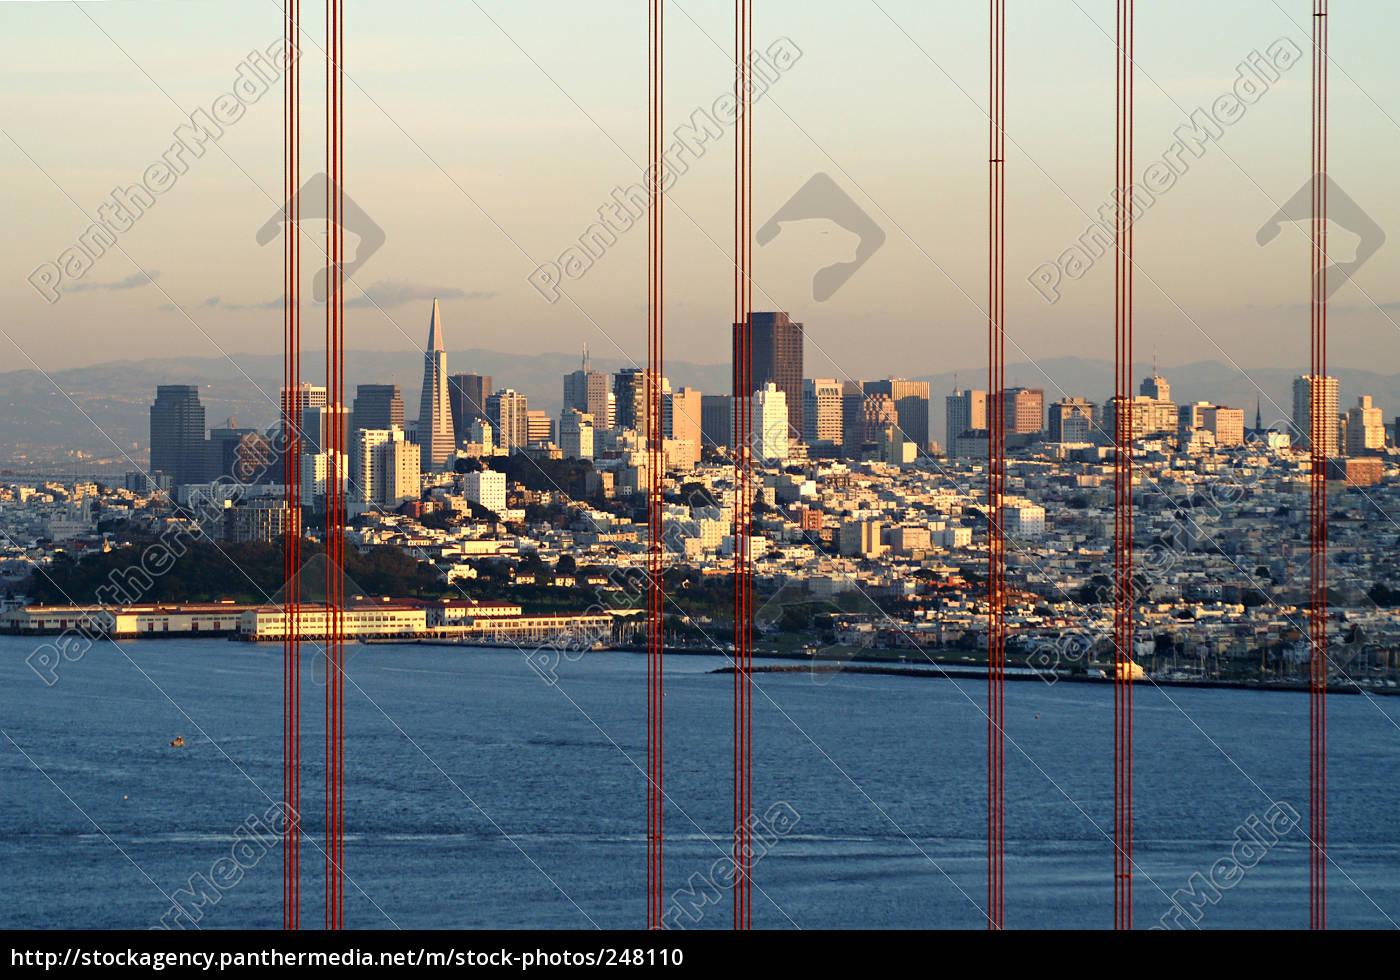 behind, bars - 248110